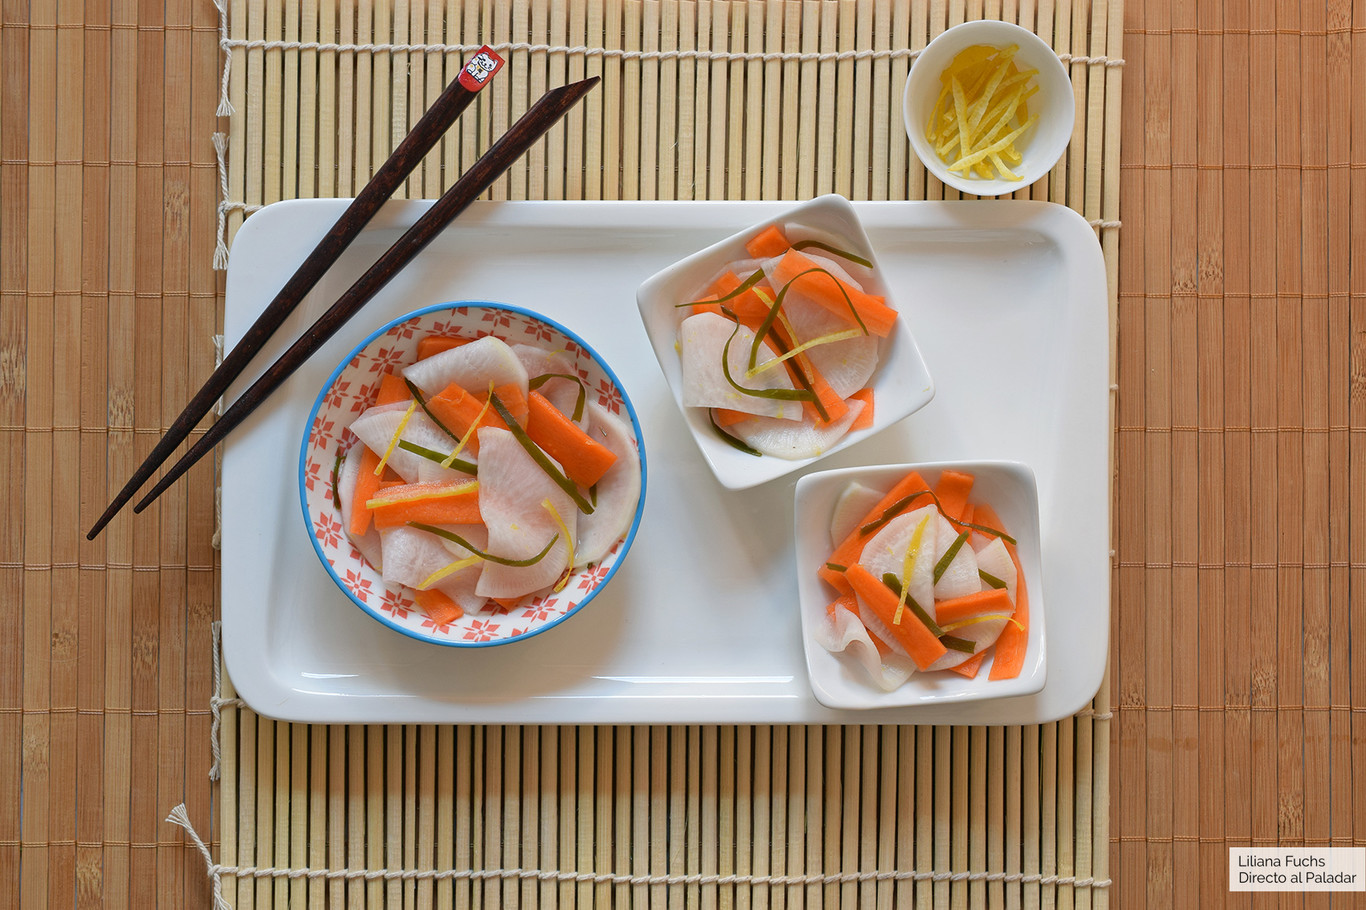 Namasu de zanahoria y nabo: receta japonesa tradicional de ensalada de encurtidos, muy fácil y refrescante